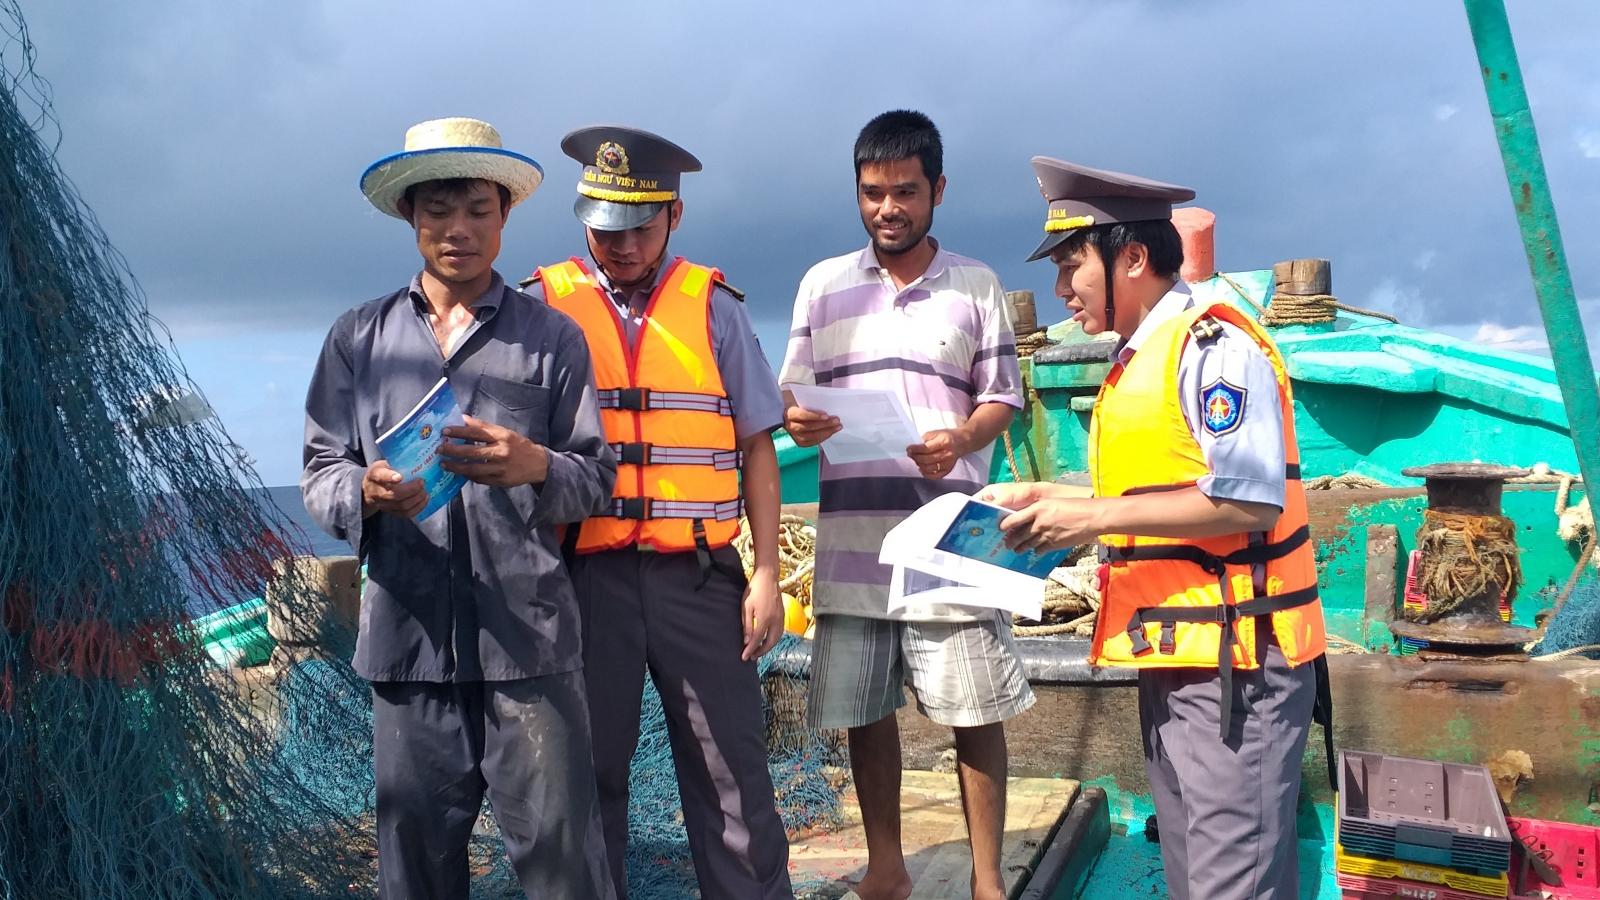 Chi đội Kiểm ngư số 2 nỗ lực chống đánh bắt bất hợp pháp ở vùng biển giáp ranh